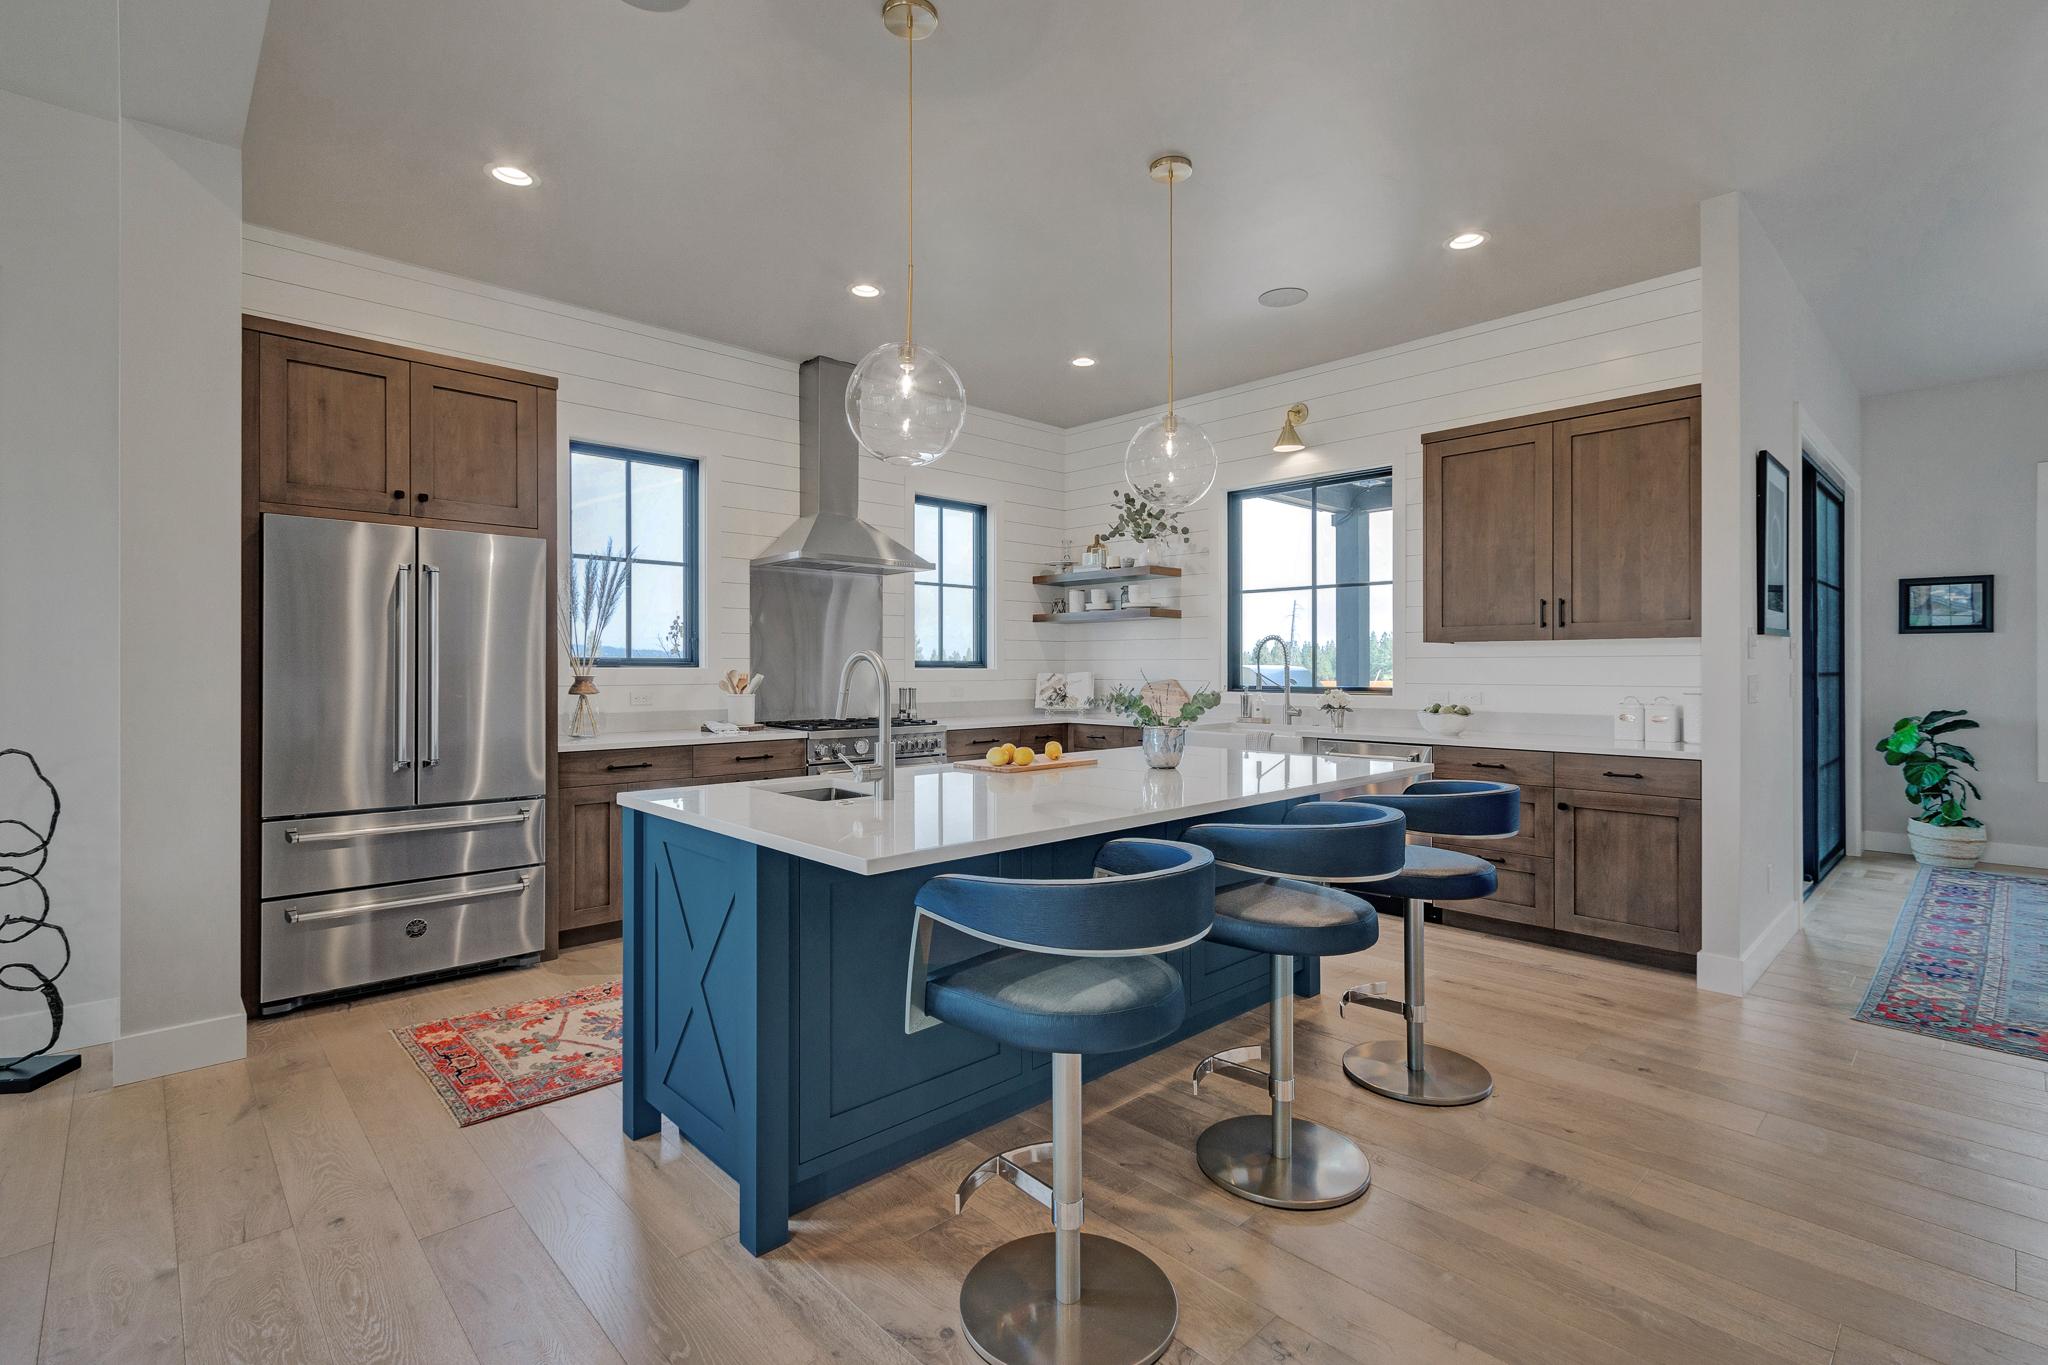 cv 9 kitchen wide